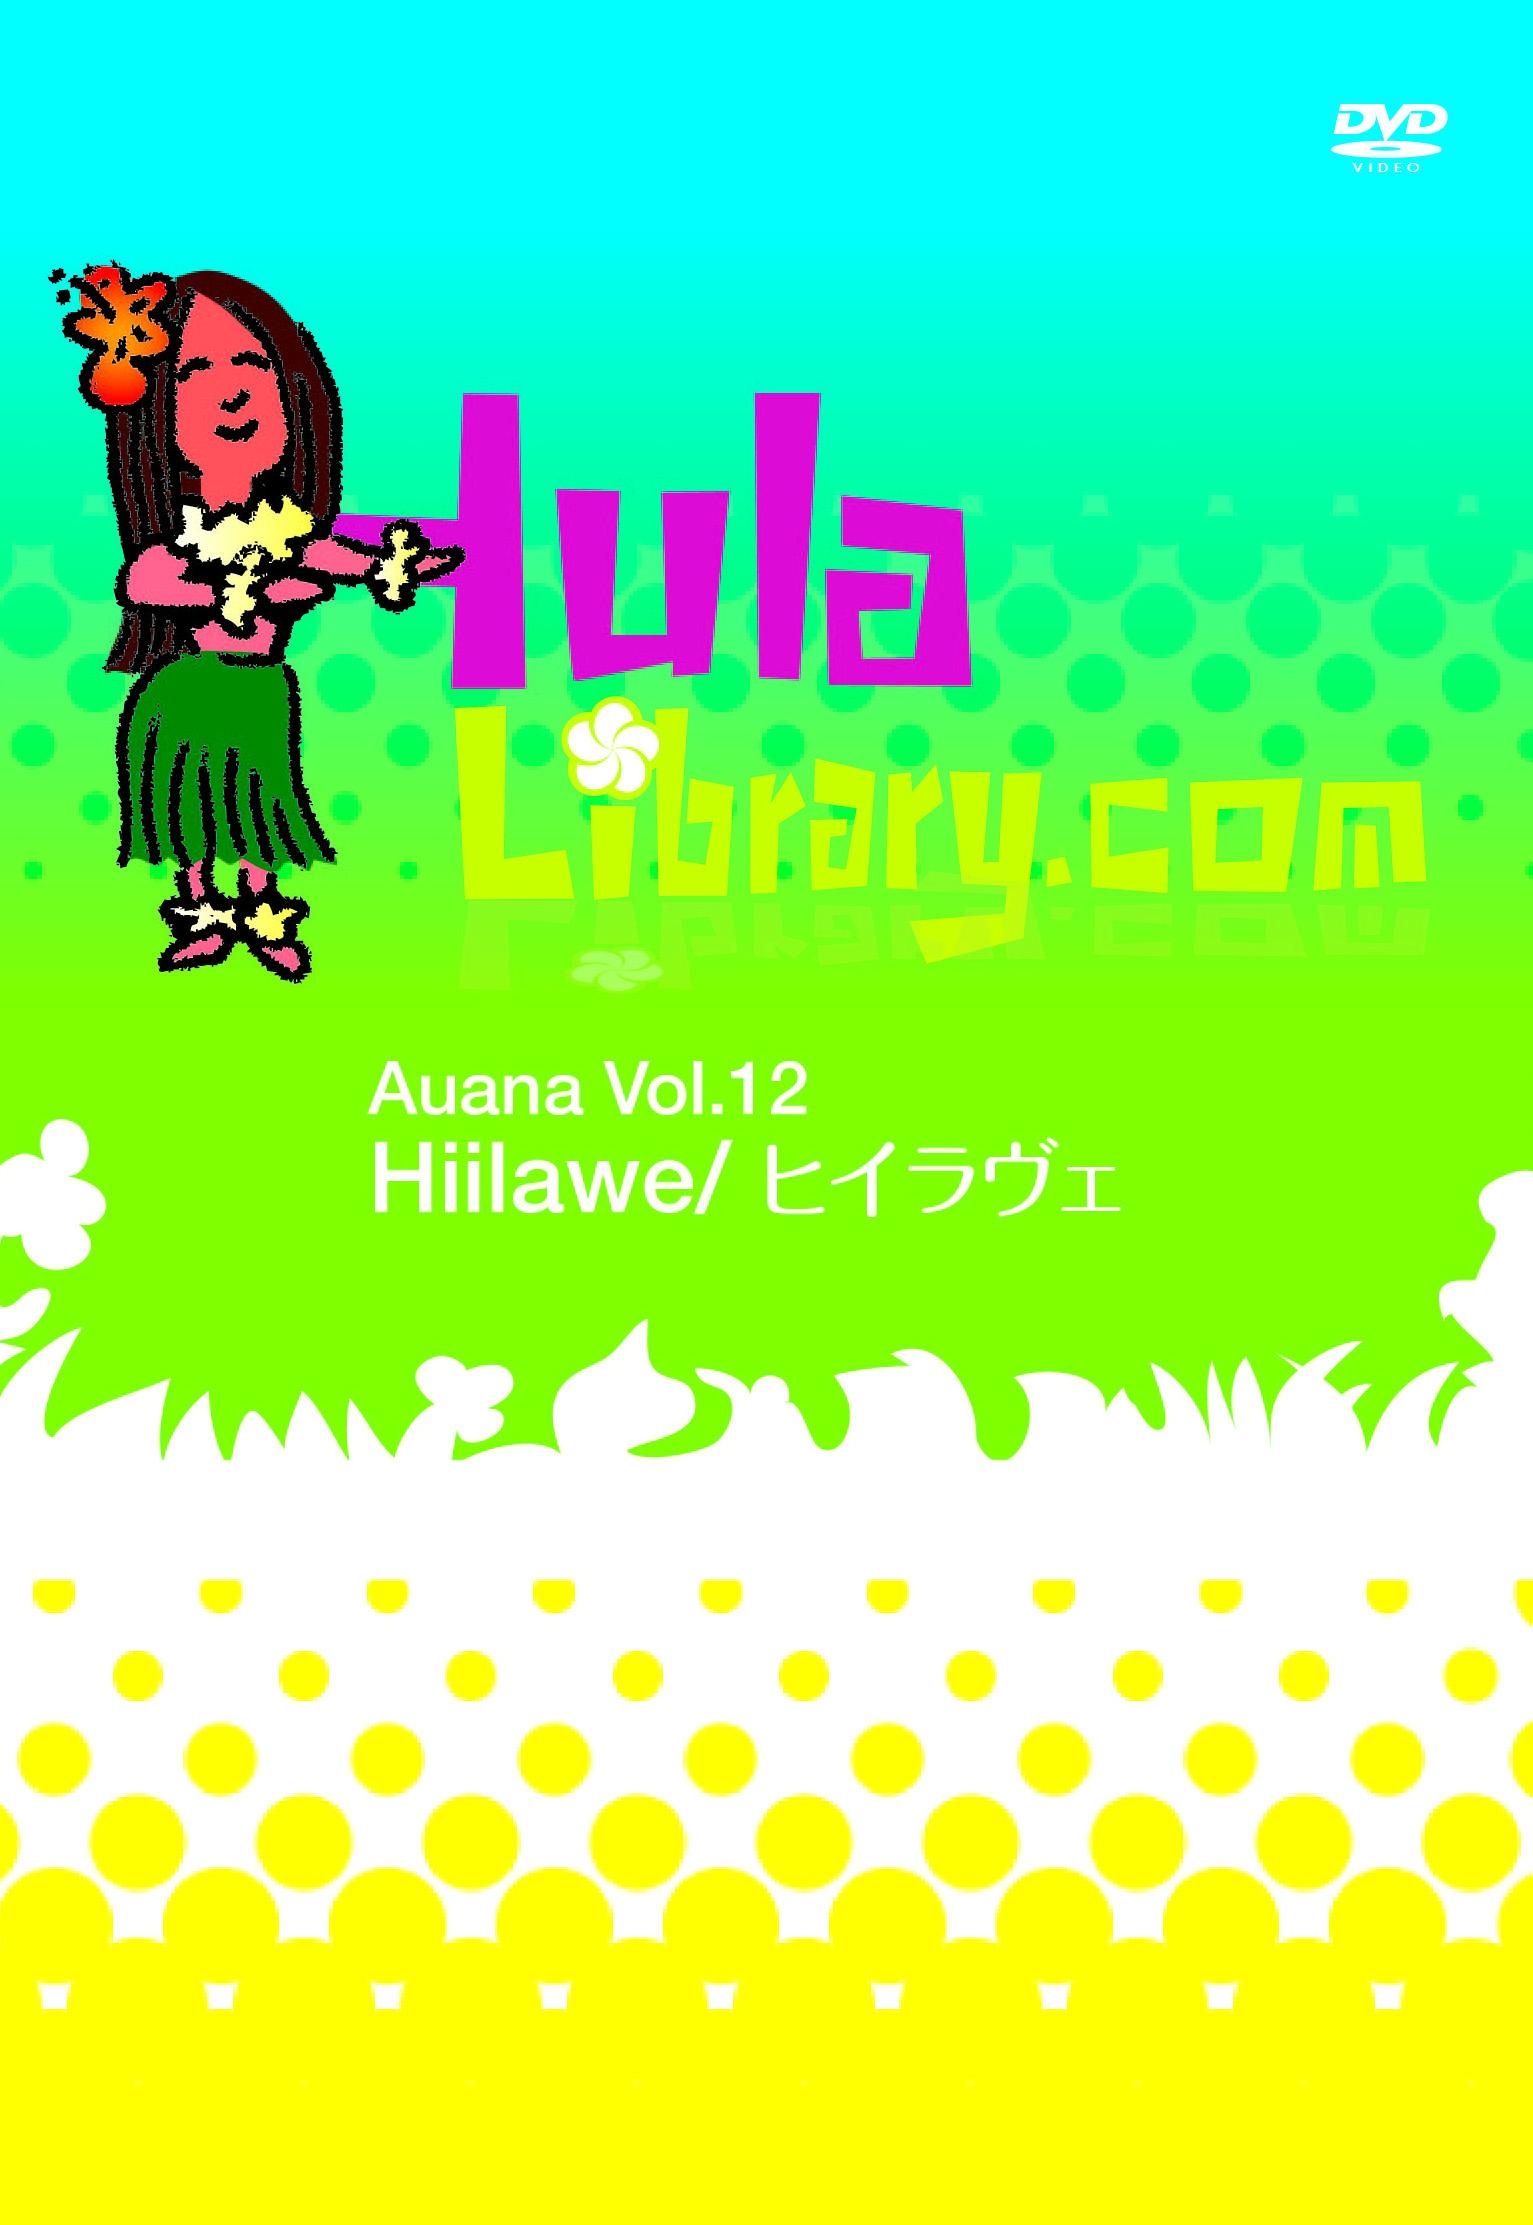 フラライブラリーDVD Vol.12 Hiilawe/ヒイラヴェ